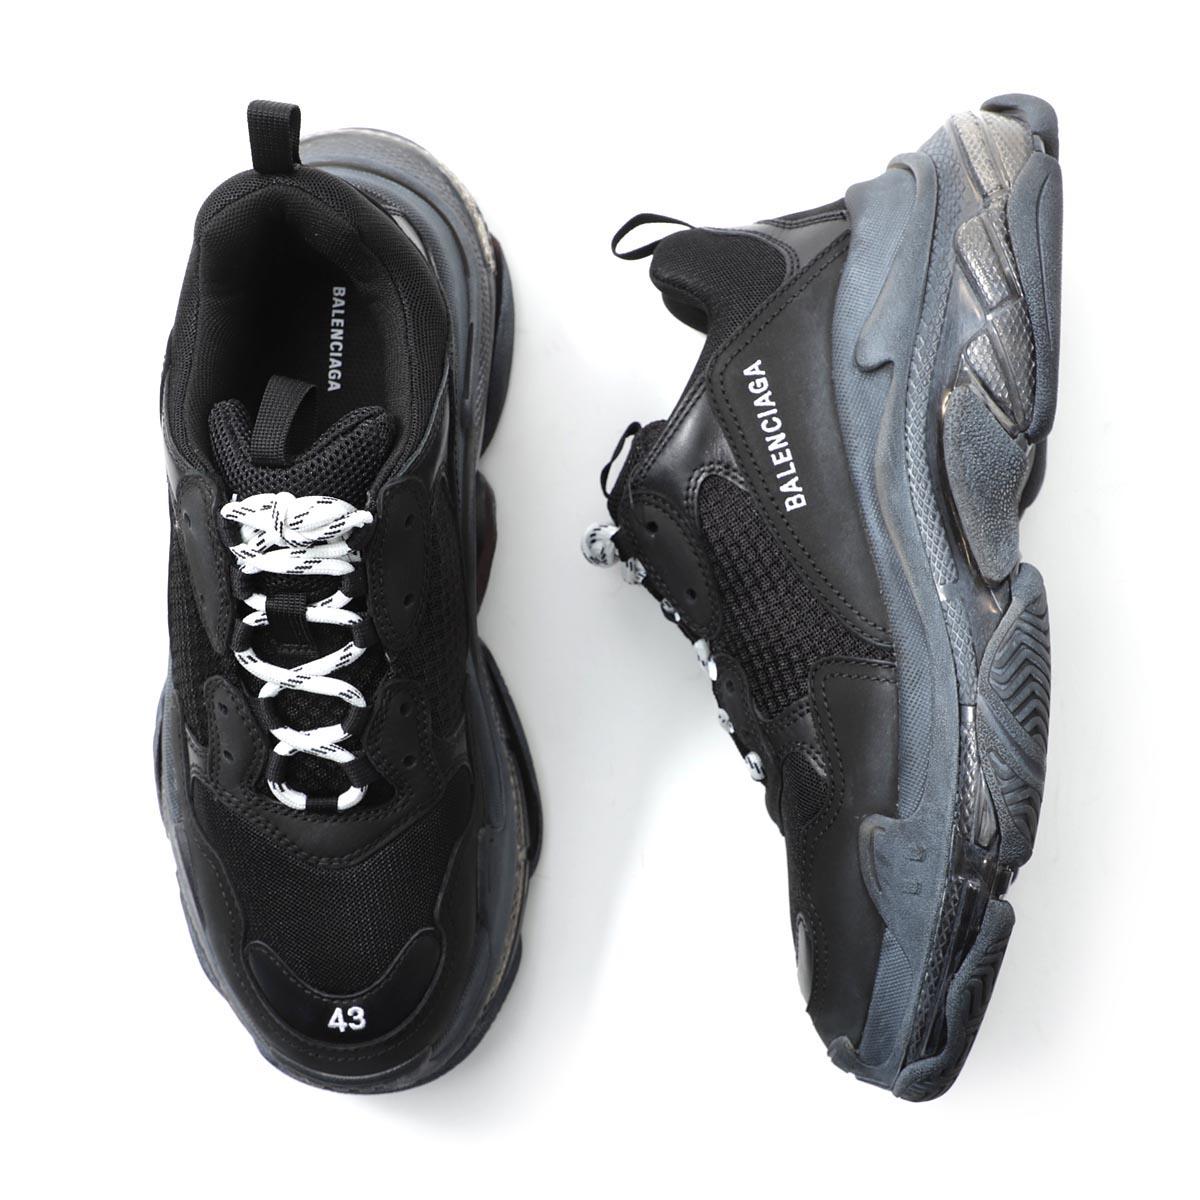 メンズ靴, スニーカー 1 BALENCIAGA 541624 w09o1 1000 TRIPLE S CLEAR SOLE TRAINER